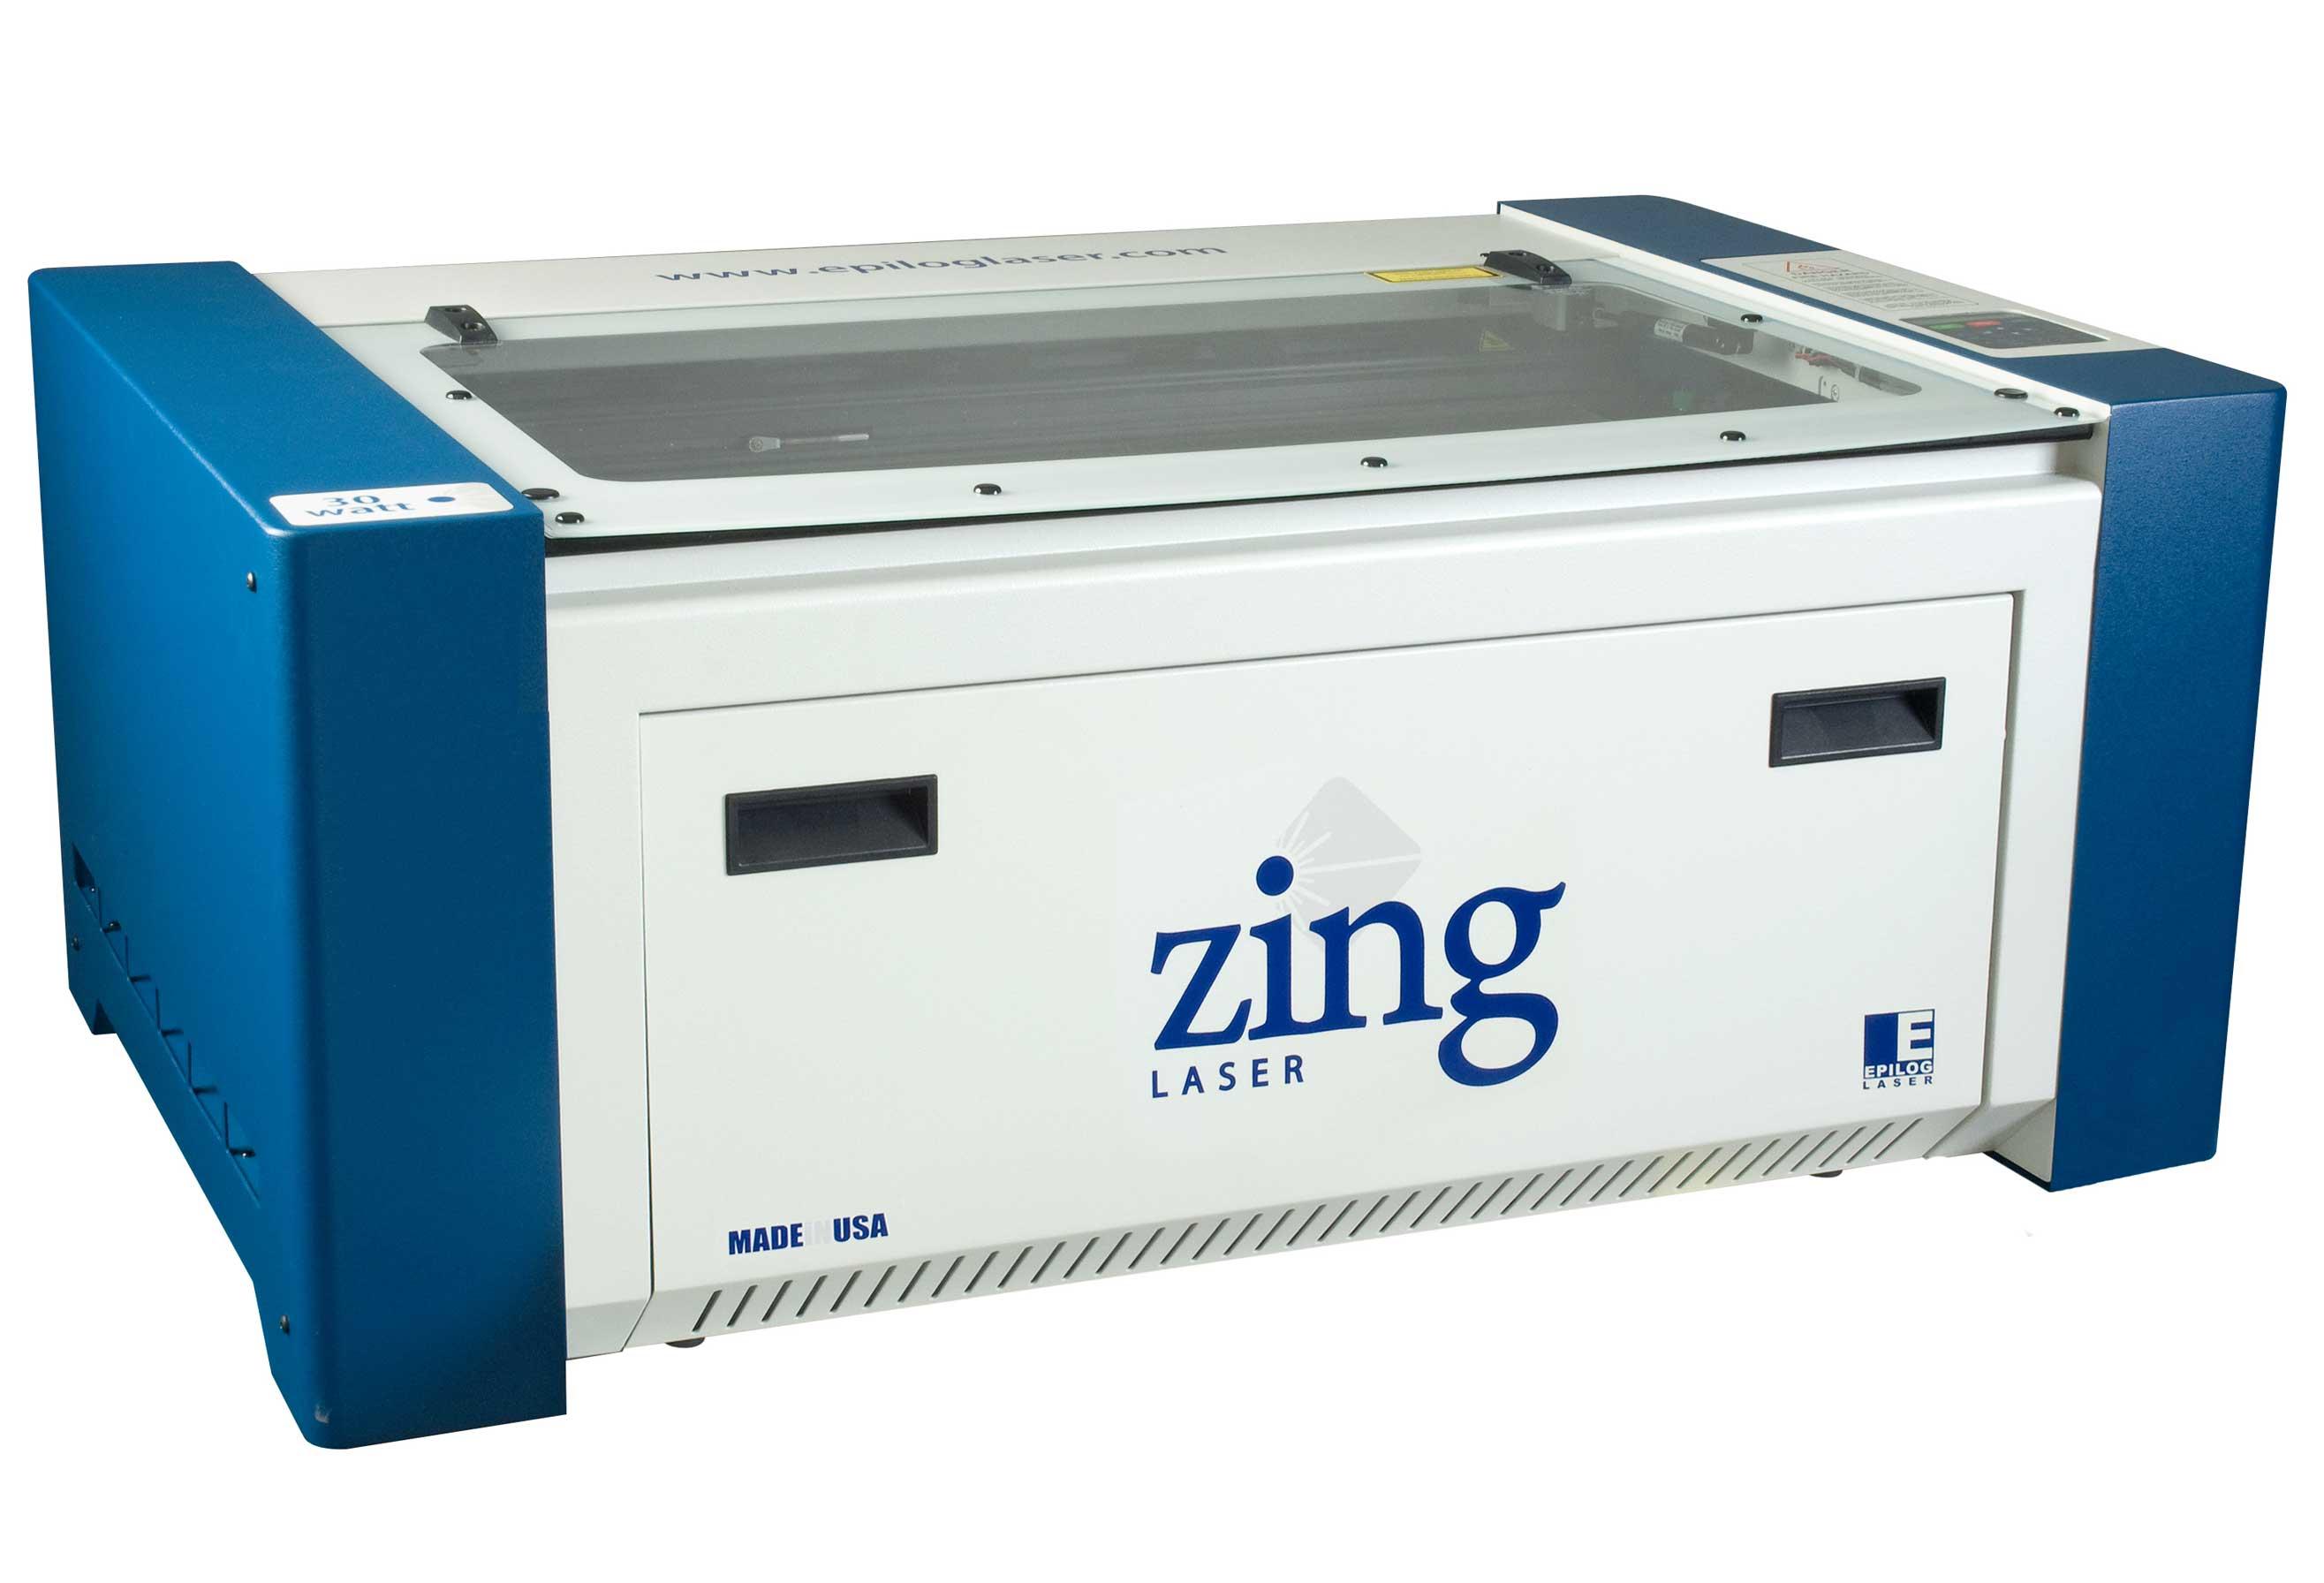 Epilog Zing 24 Laser System